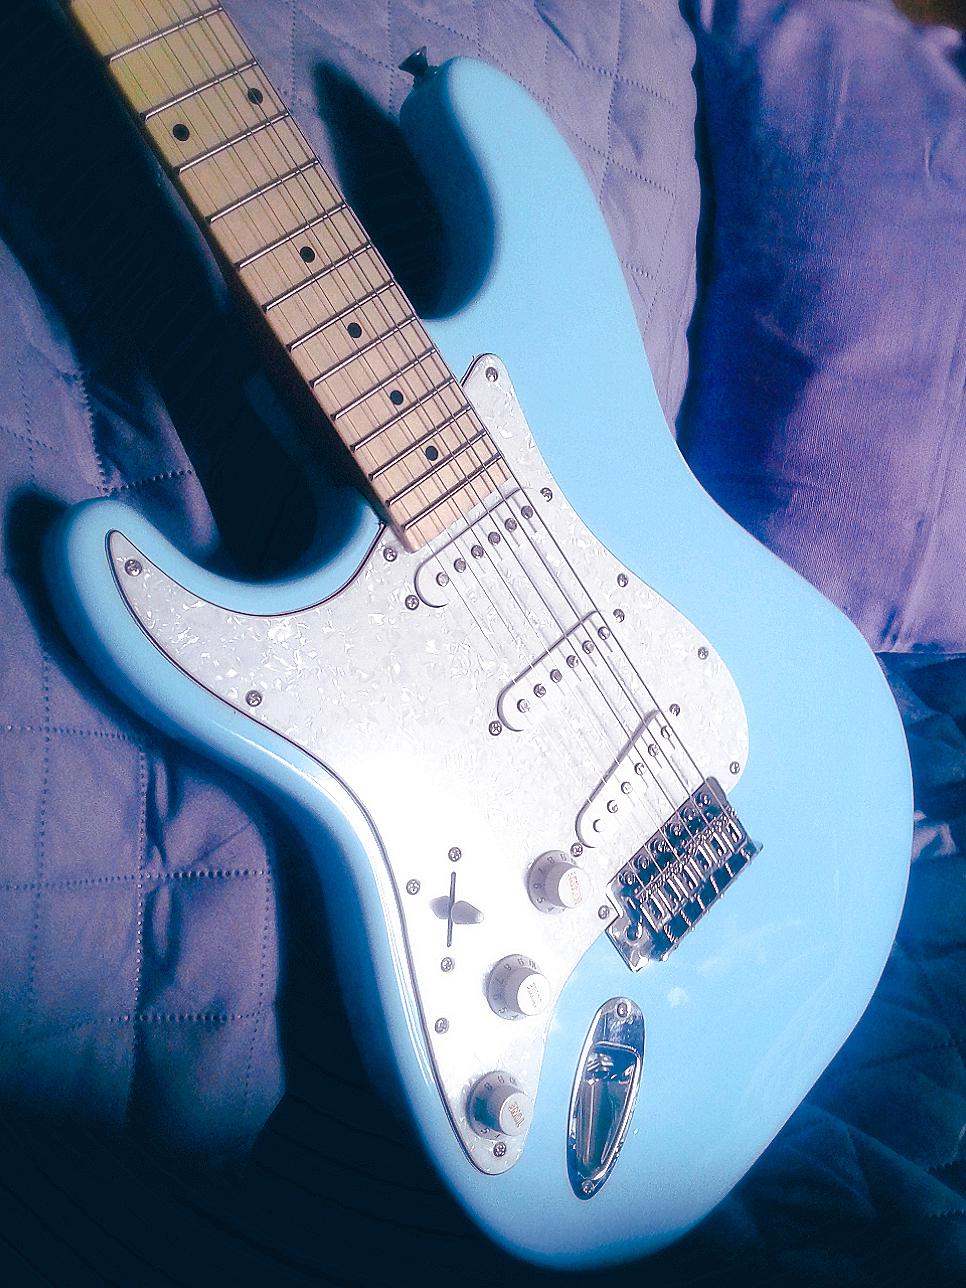 Blue Left Handed Guitar